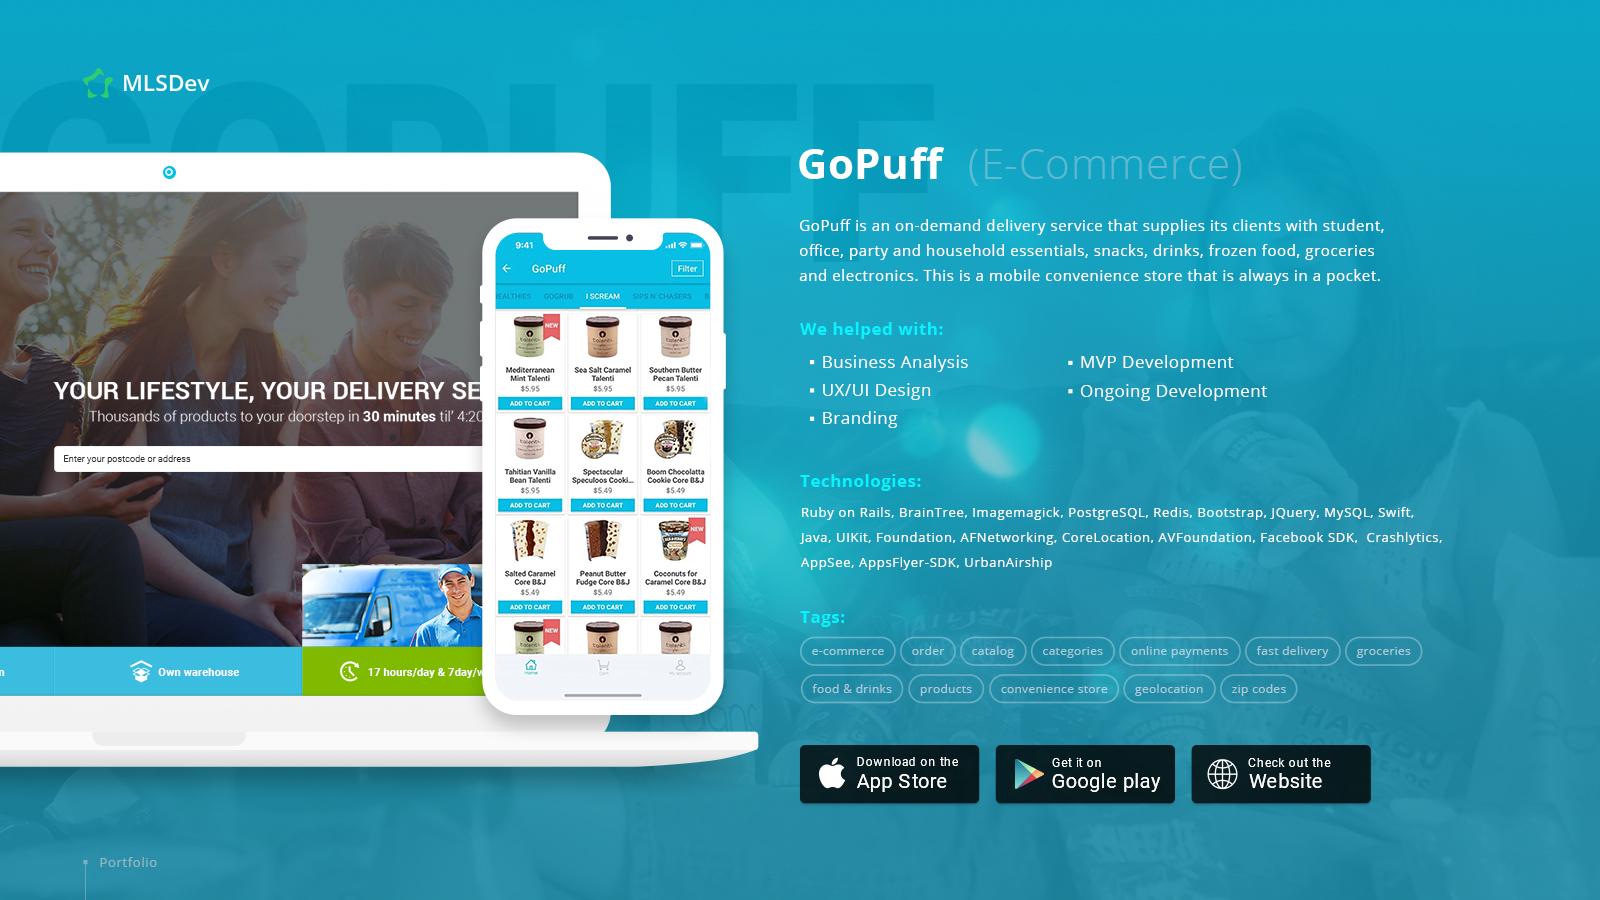 GoPuff developed by MLSDev